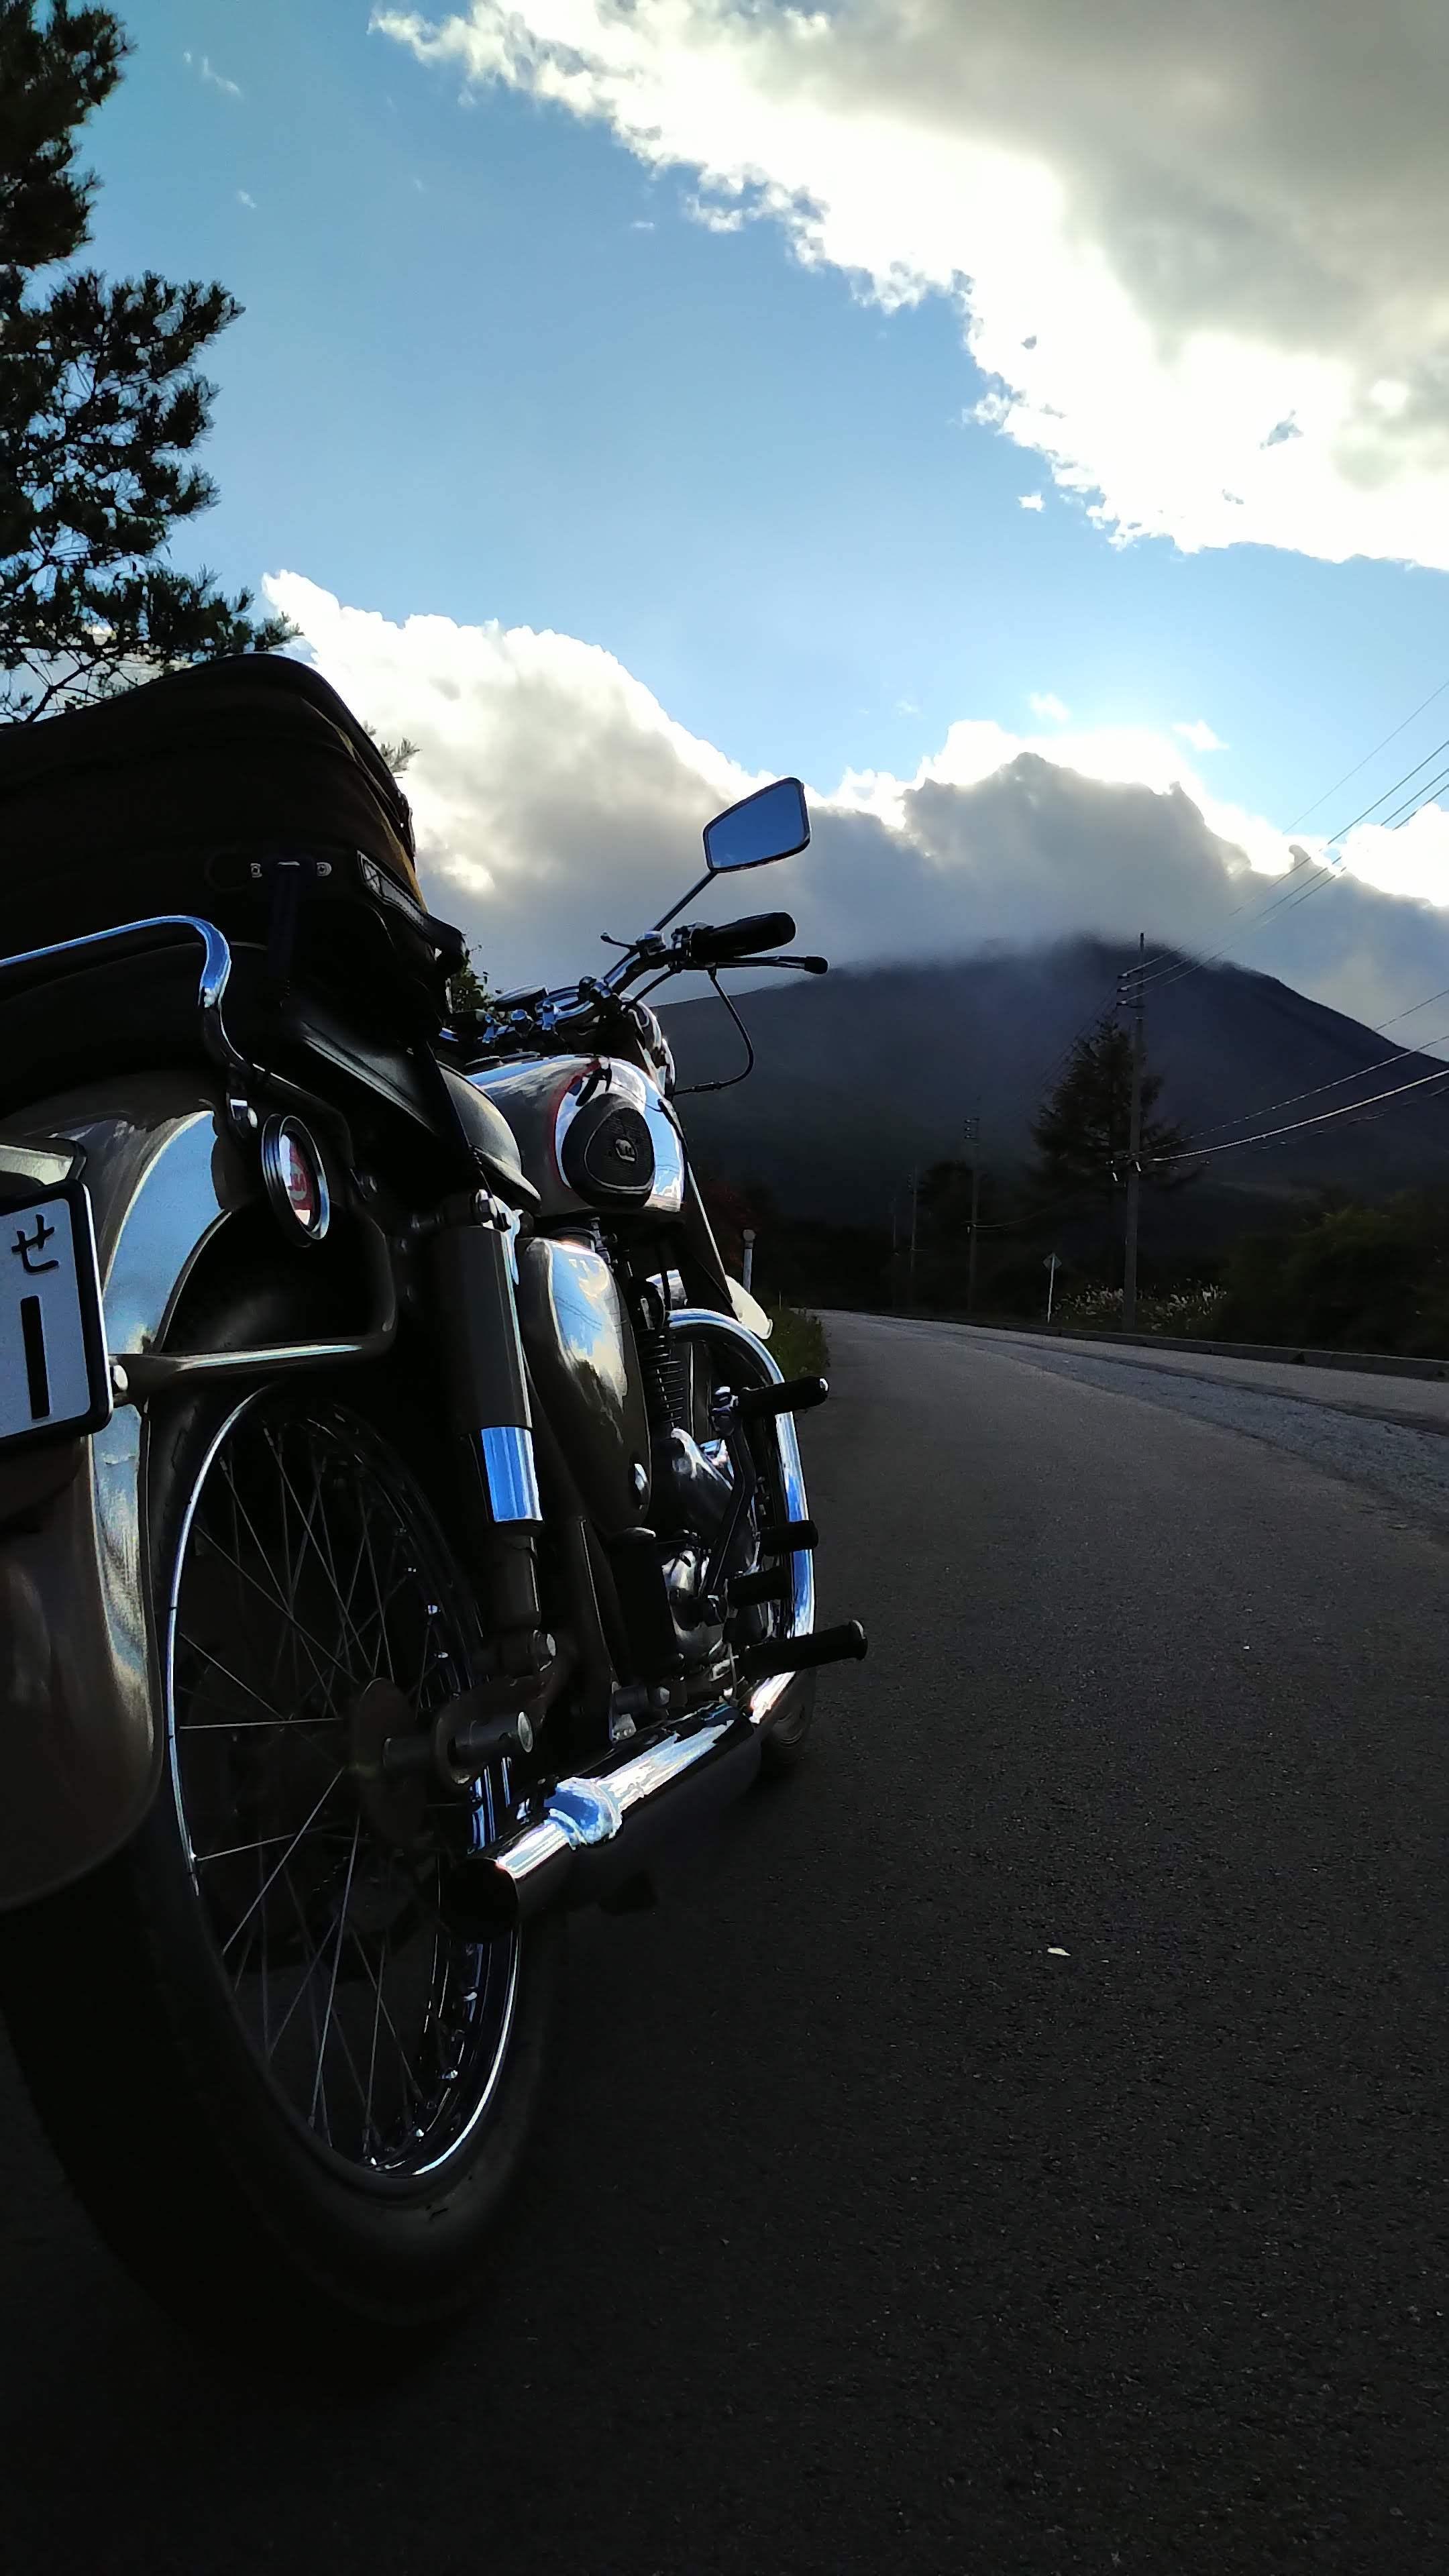 おぶそりつれづれ。オートバイまだ乗ってます?_f0200399_17153979.jpg